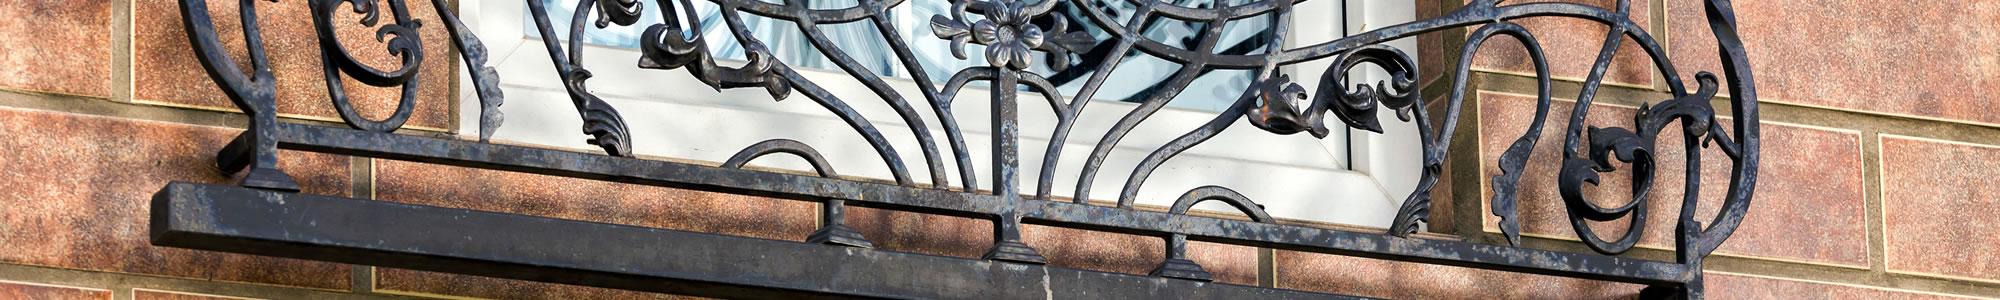 Restoration - Banner Image